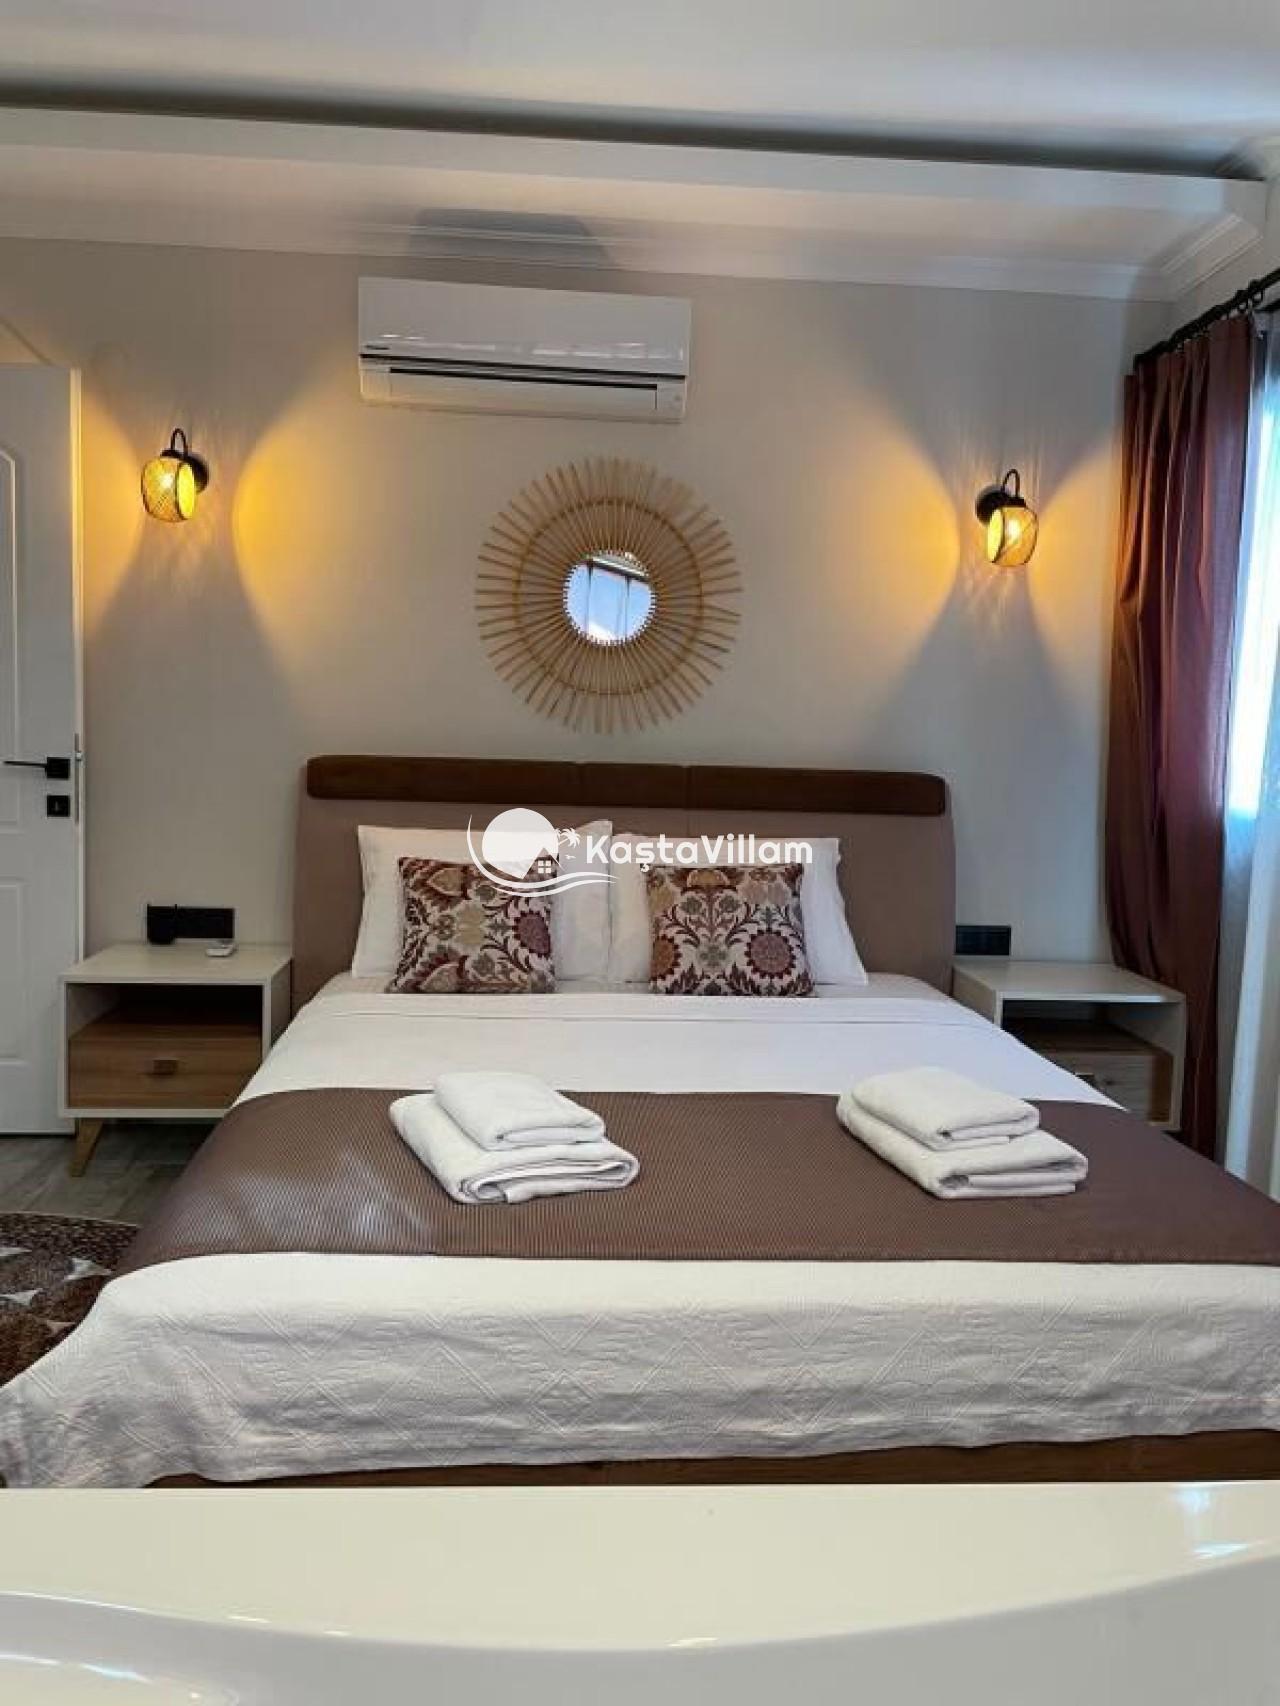 Fethiye kiralık villa/Villa Azmira - Kaştavillam